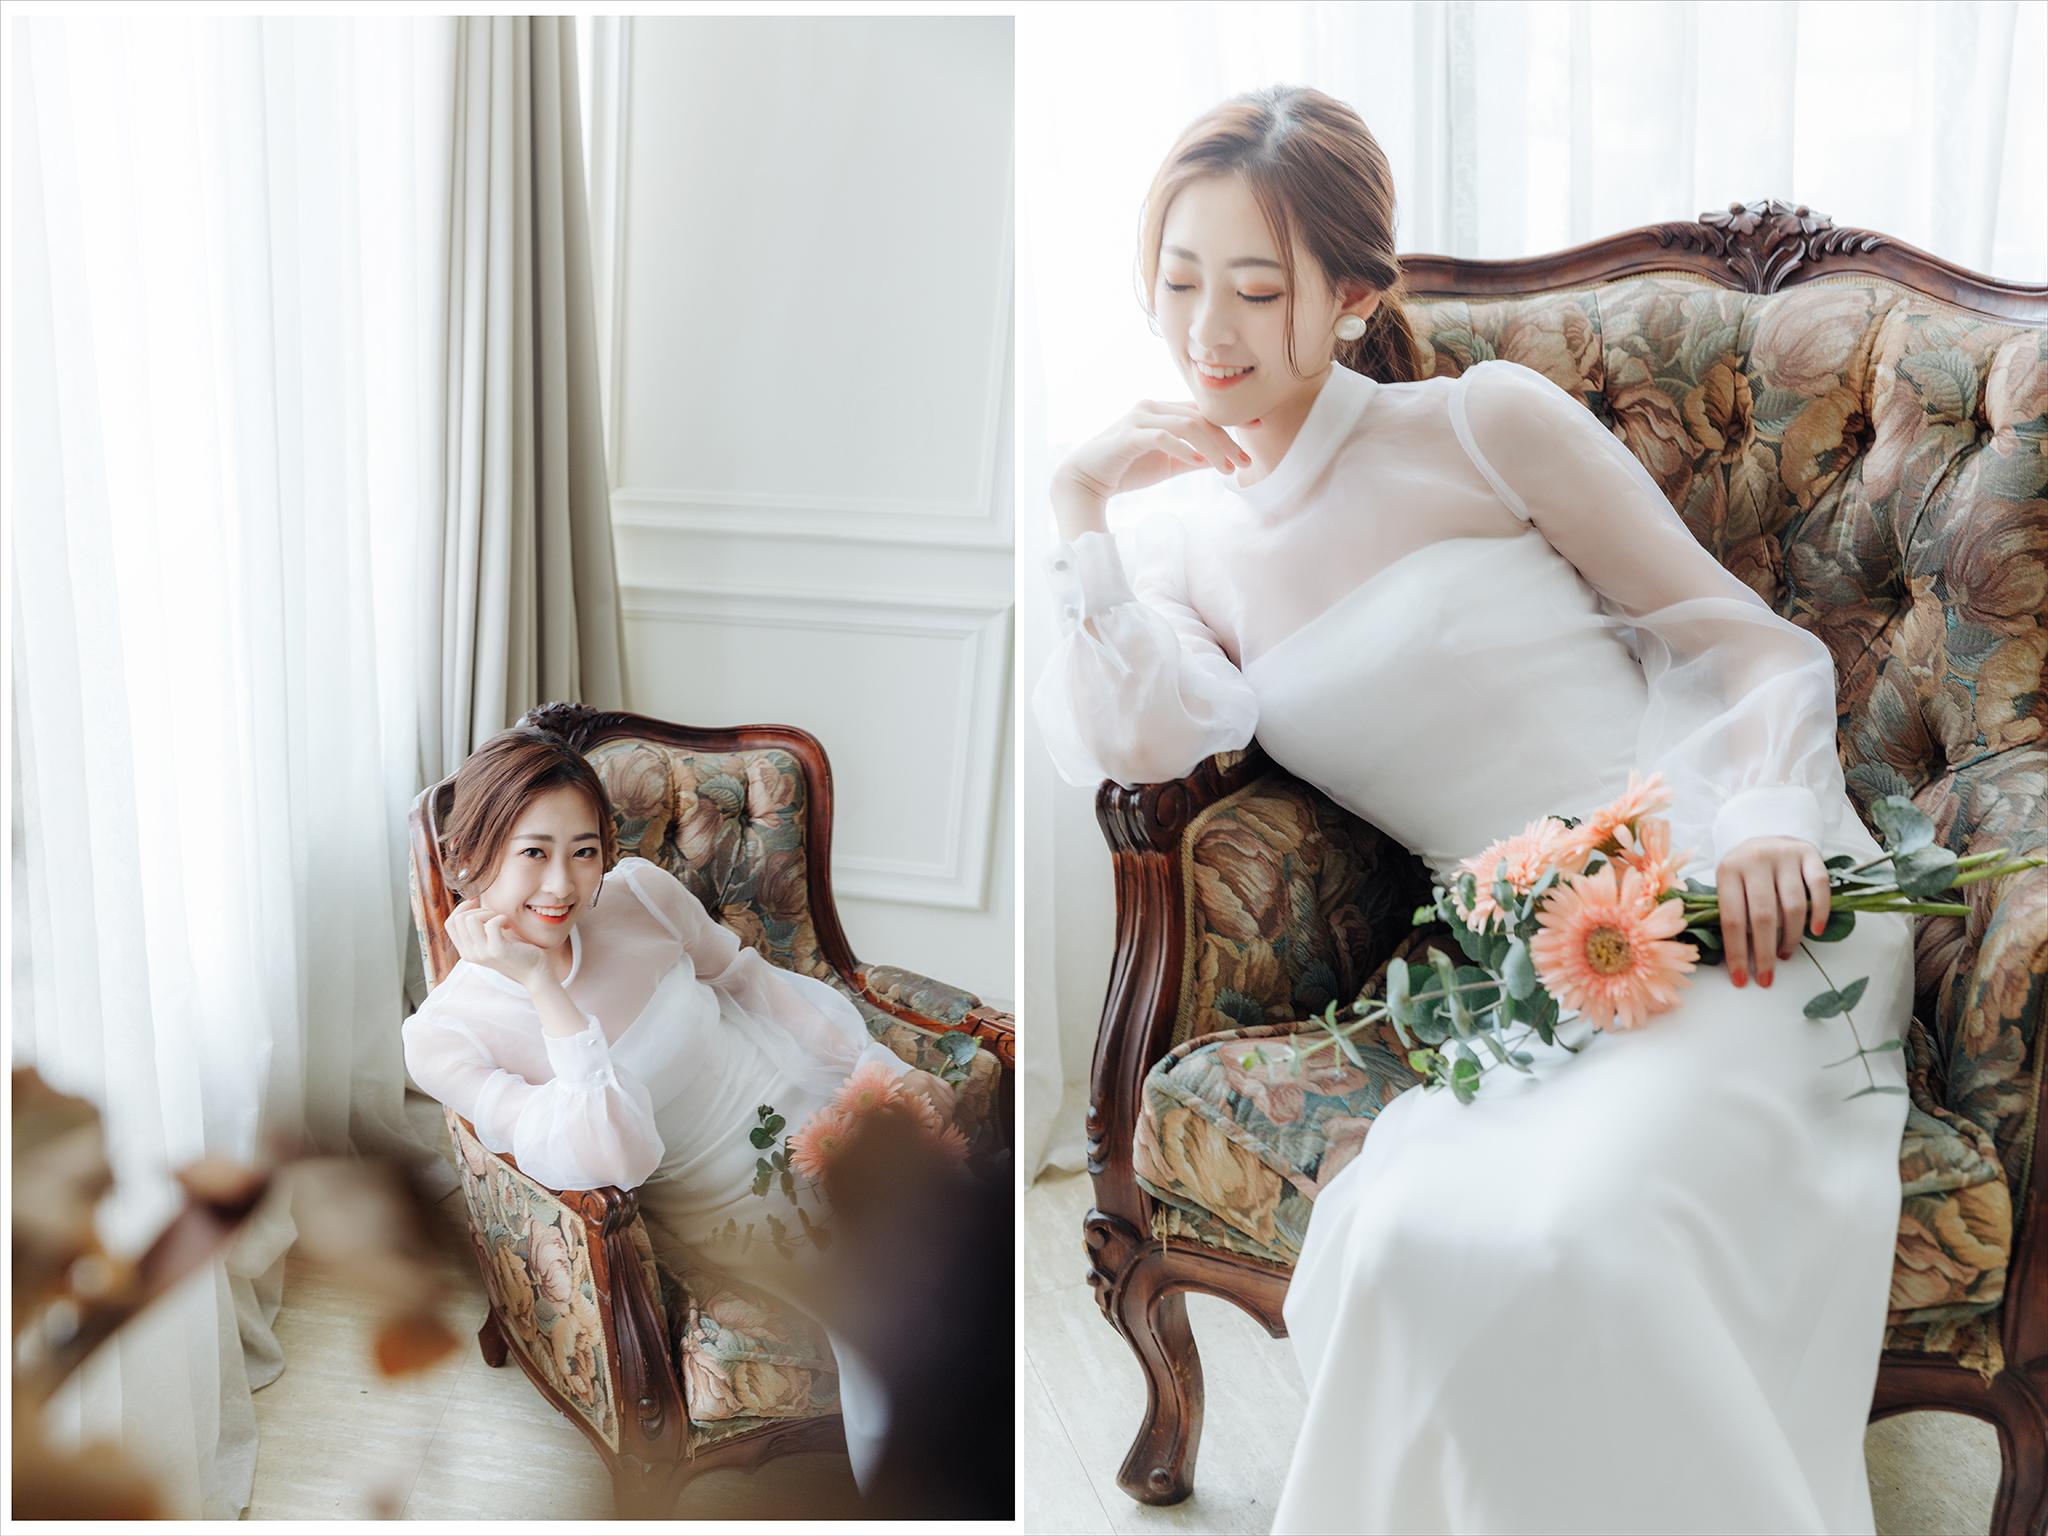 49928739328 c58aff997a o - 【閨蜜婚紗】+Jessy & Tiffany+